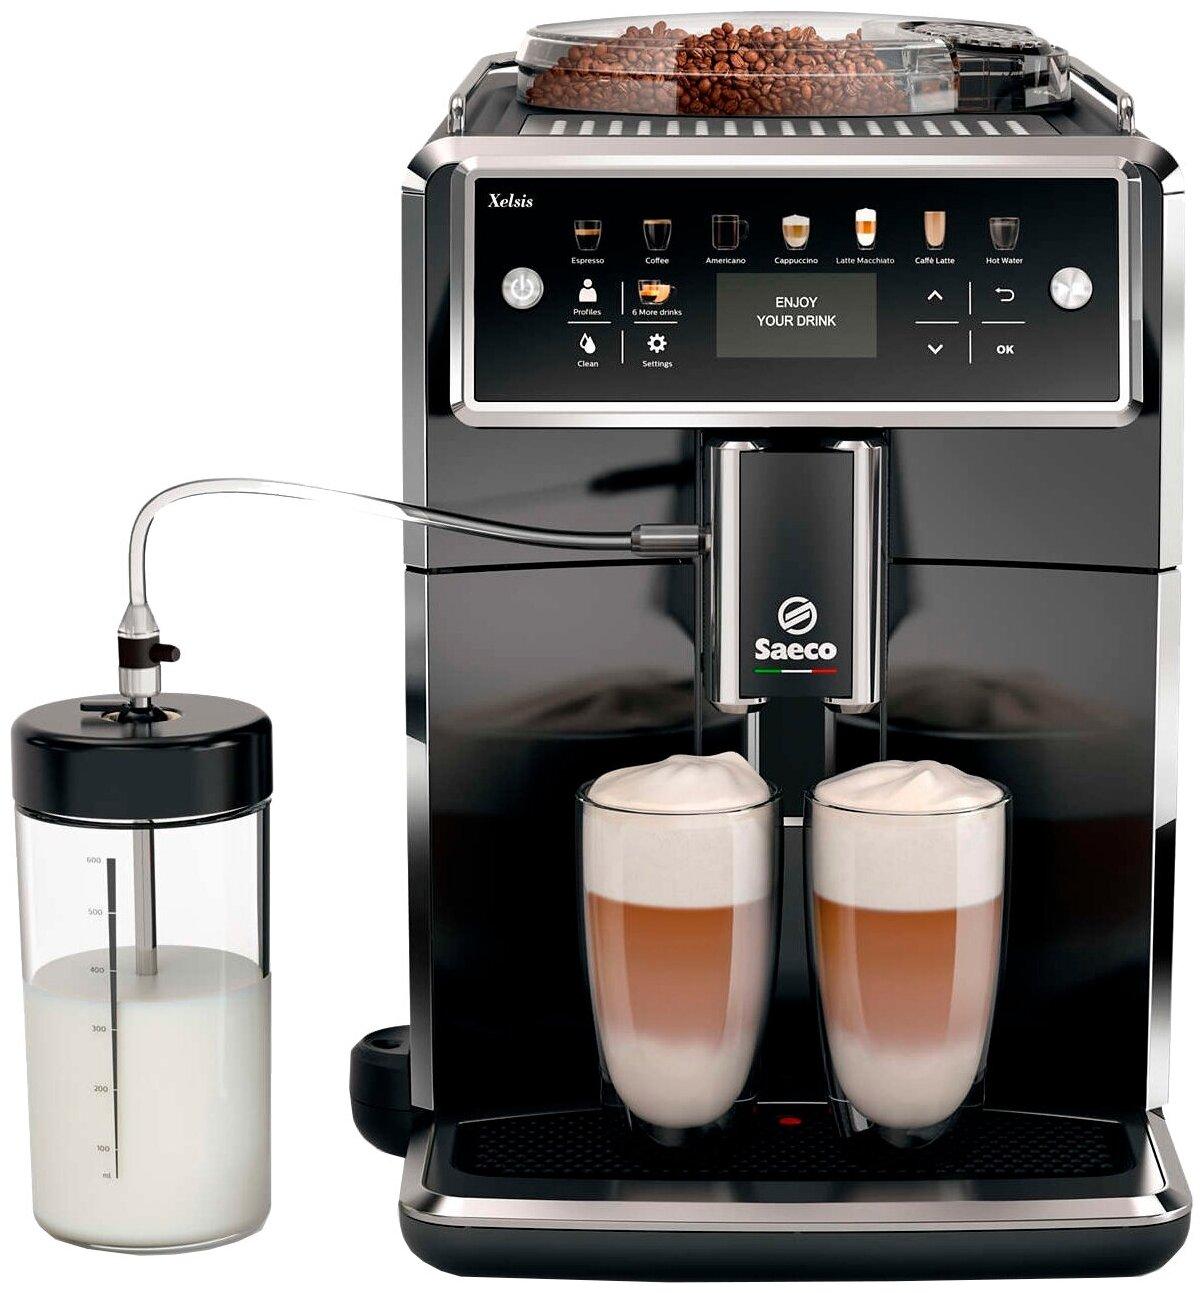 Saeco SM7580 Xelsis - тип используемого кофе: молотый / зерновой